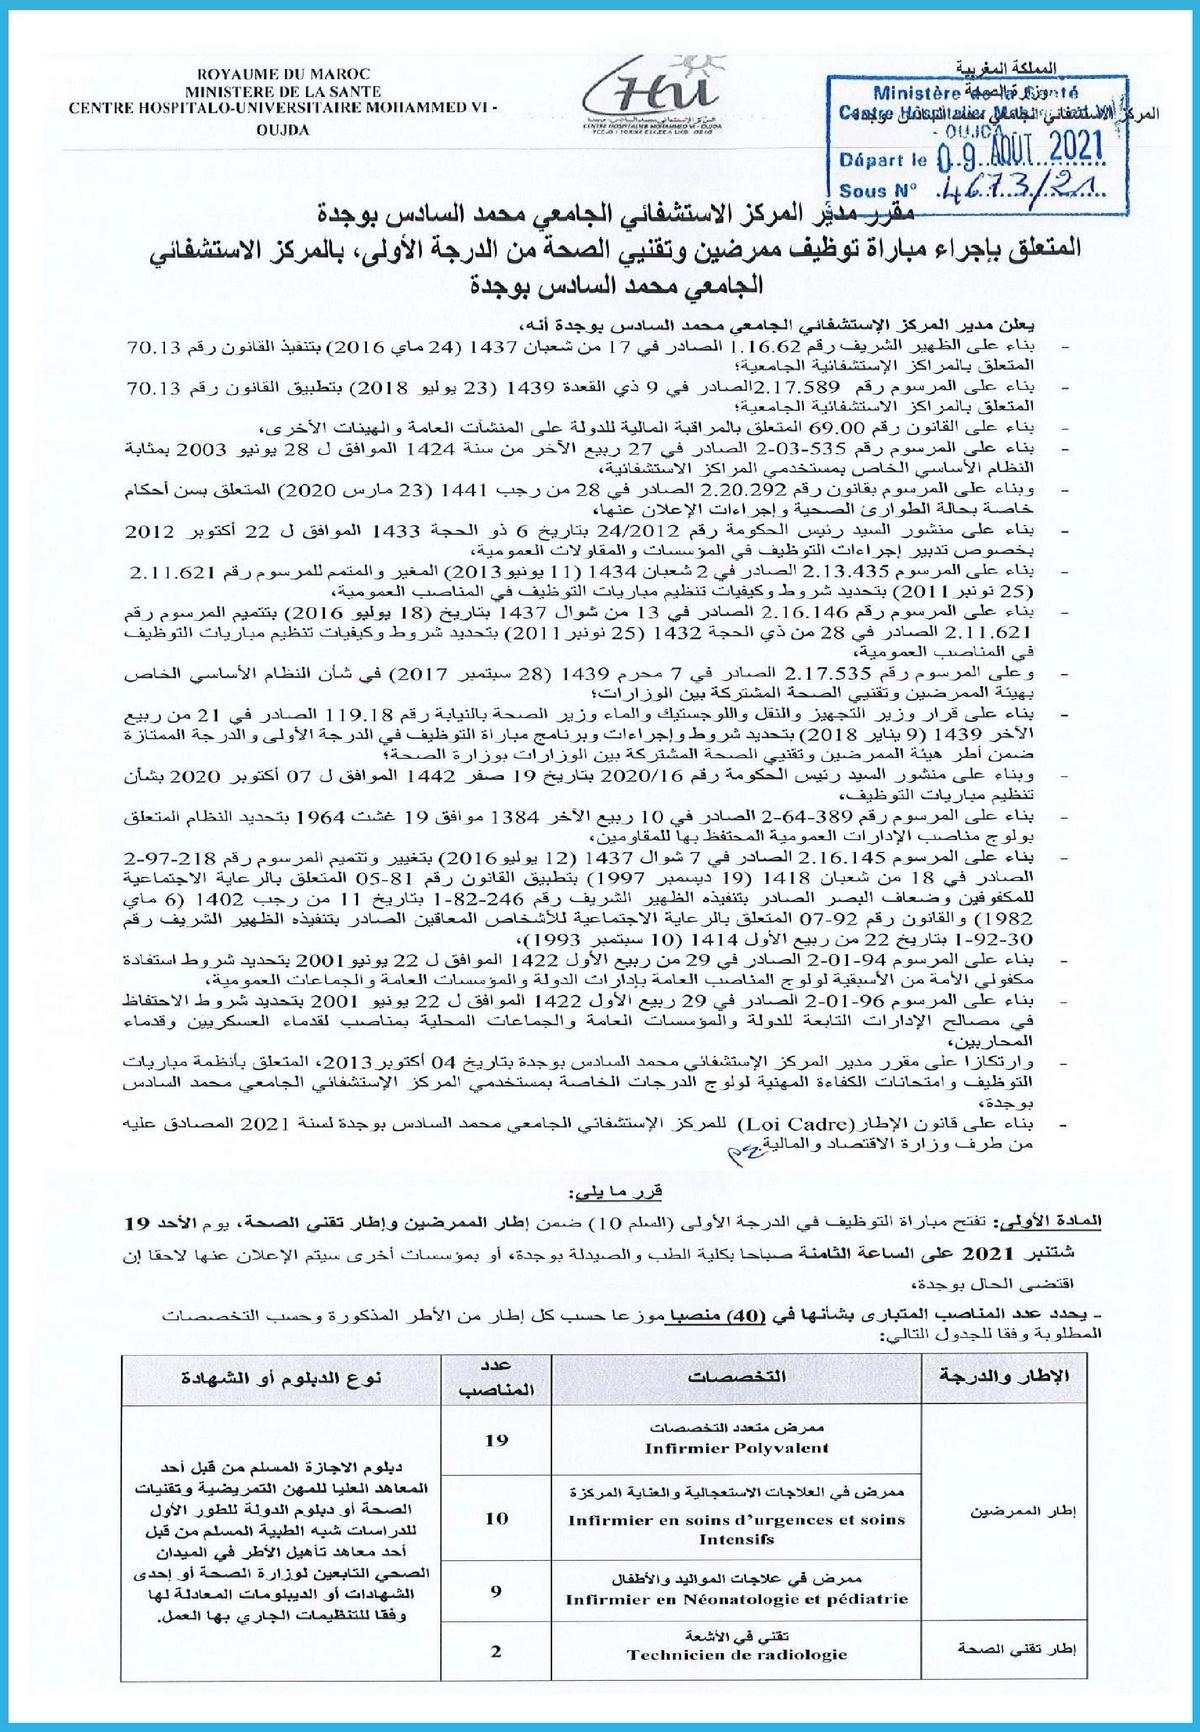 المراكز الاستشفائية الجامعية بالمغرب مباريات توظيف 652 منصب في عدة تخصصات  Chu_m610